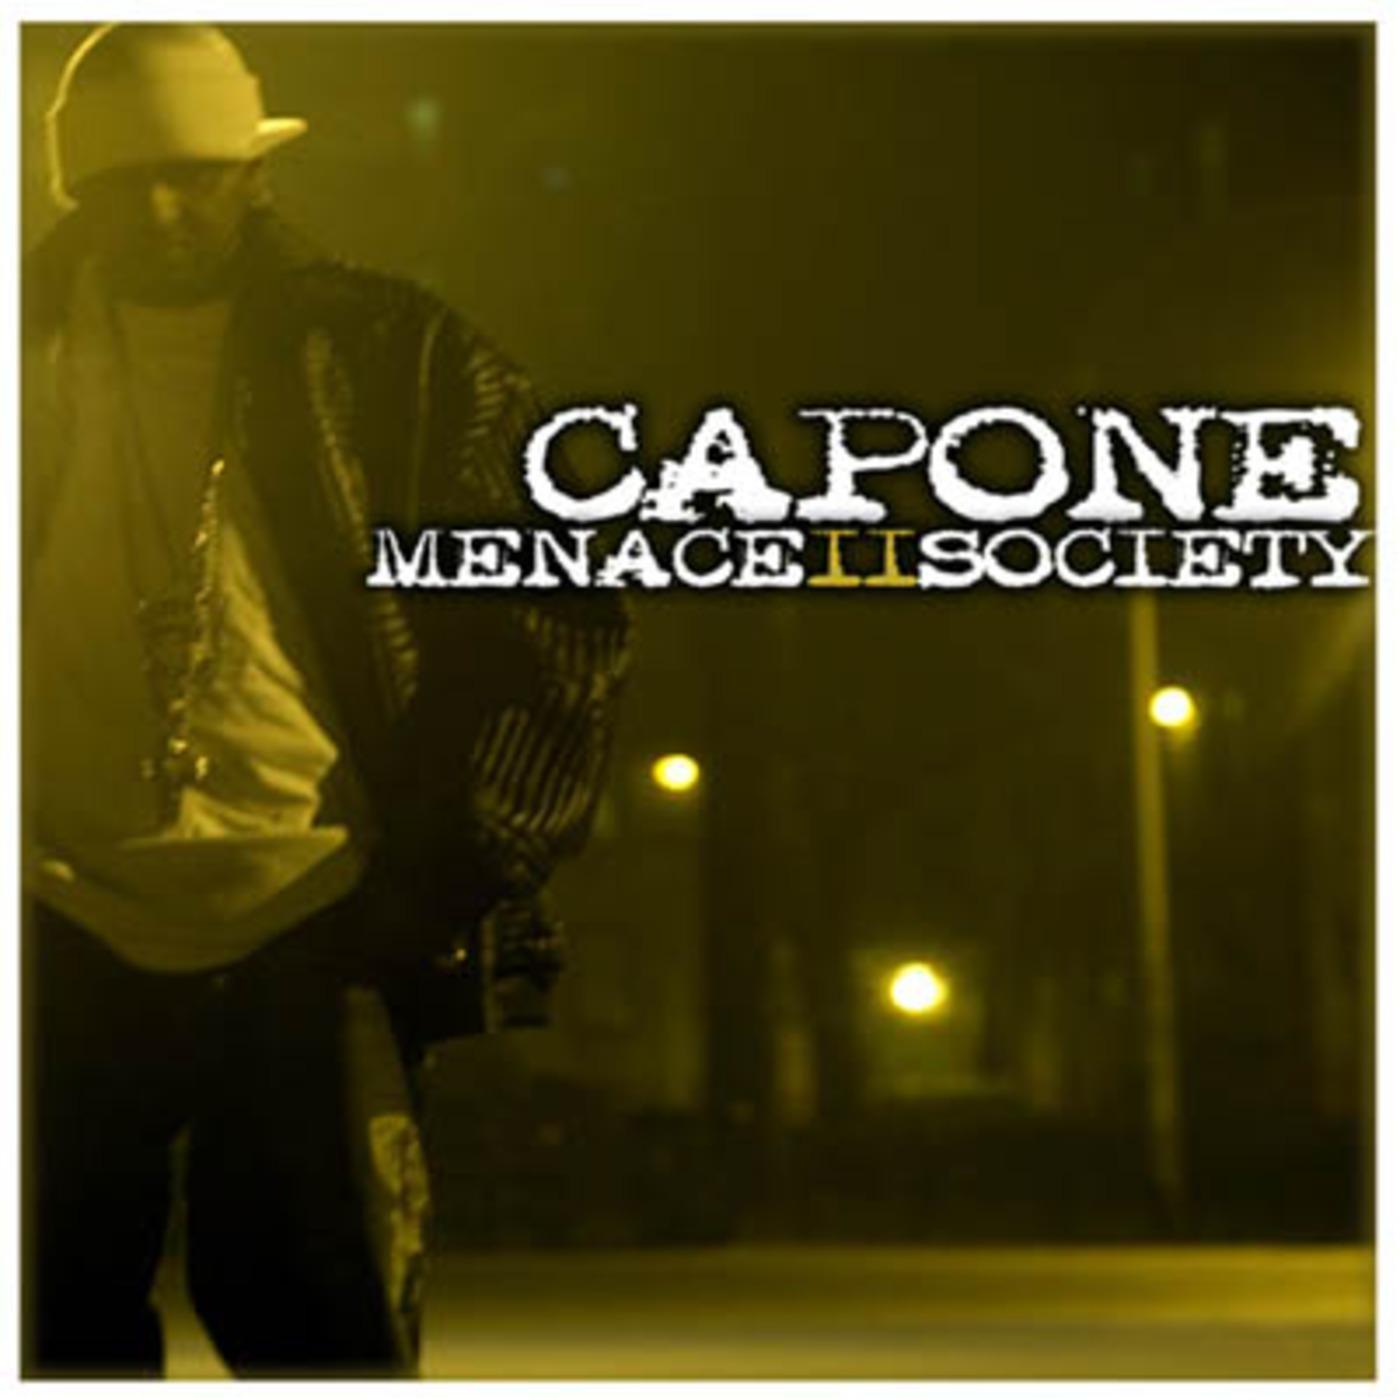 Capone-